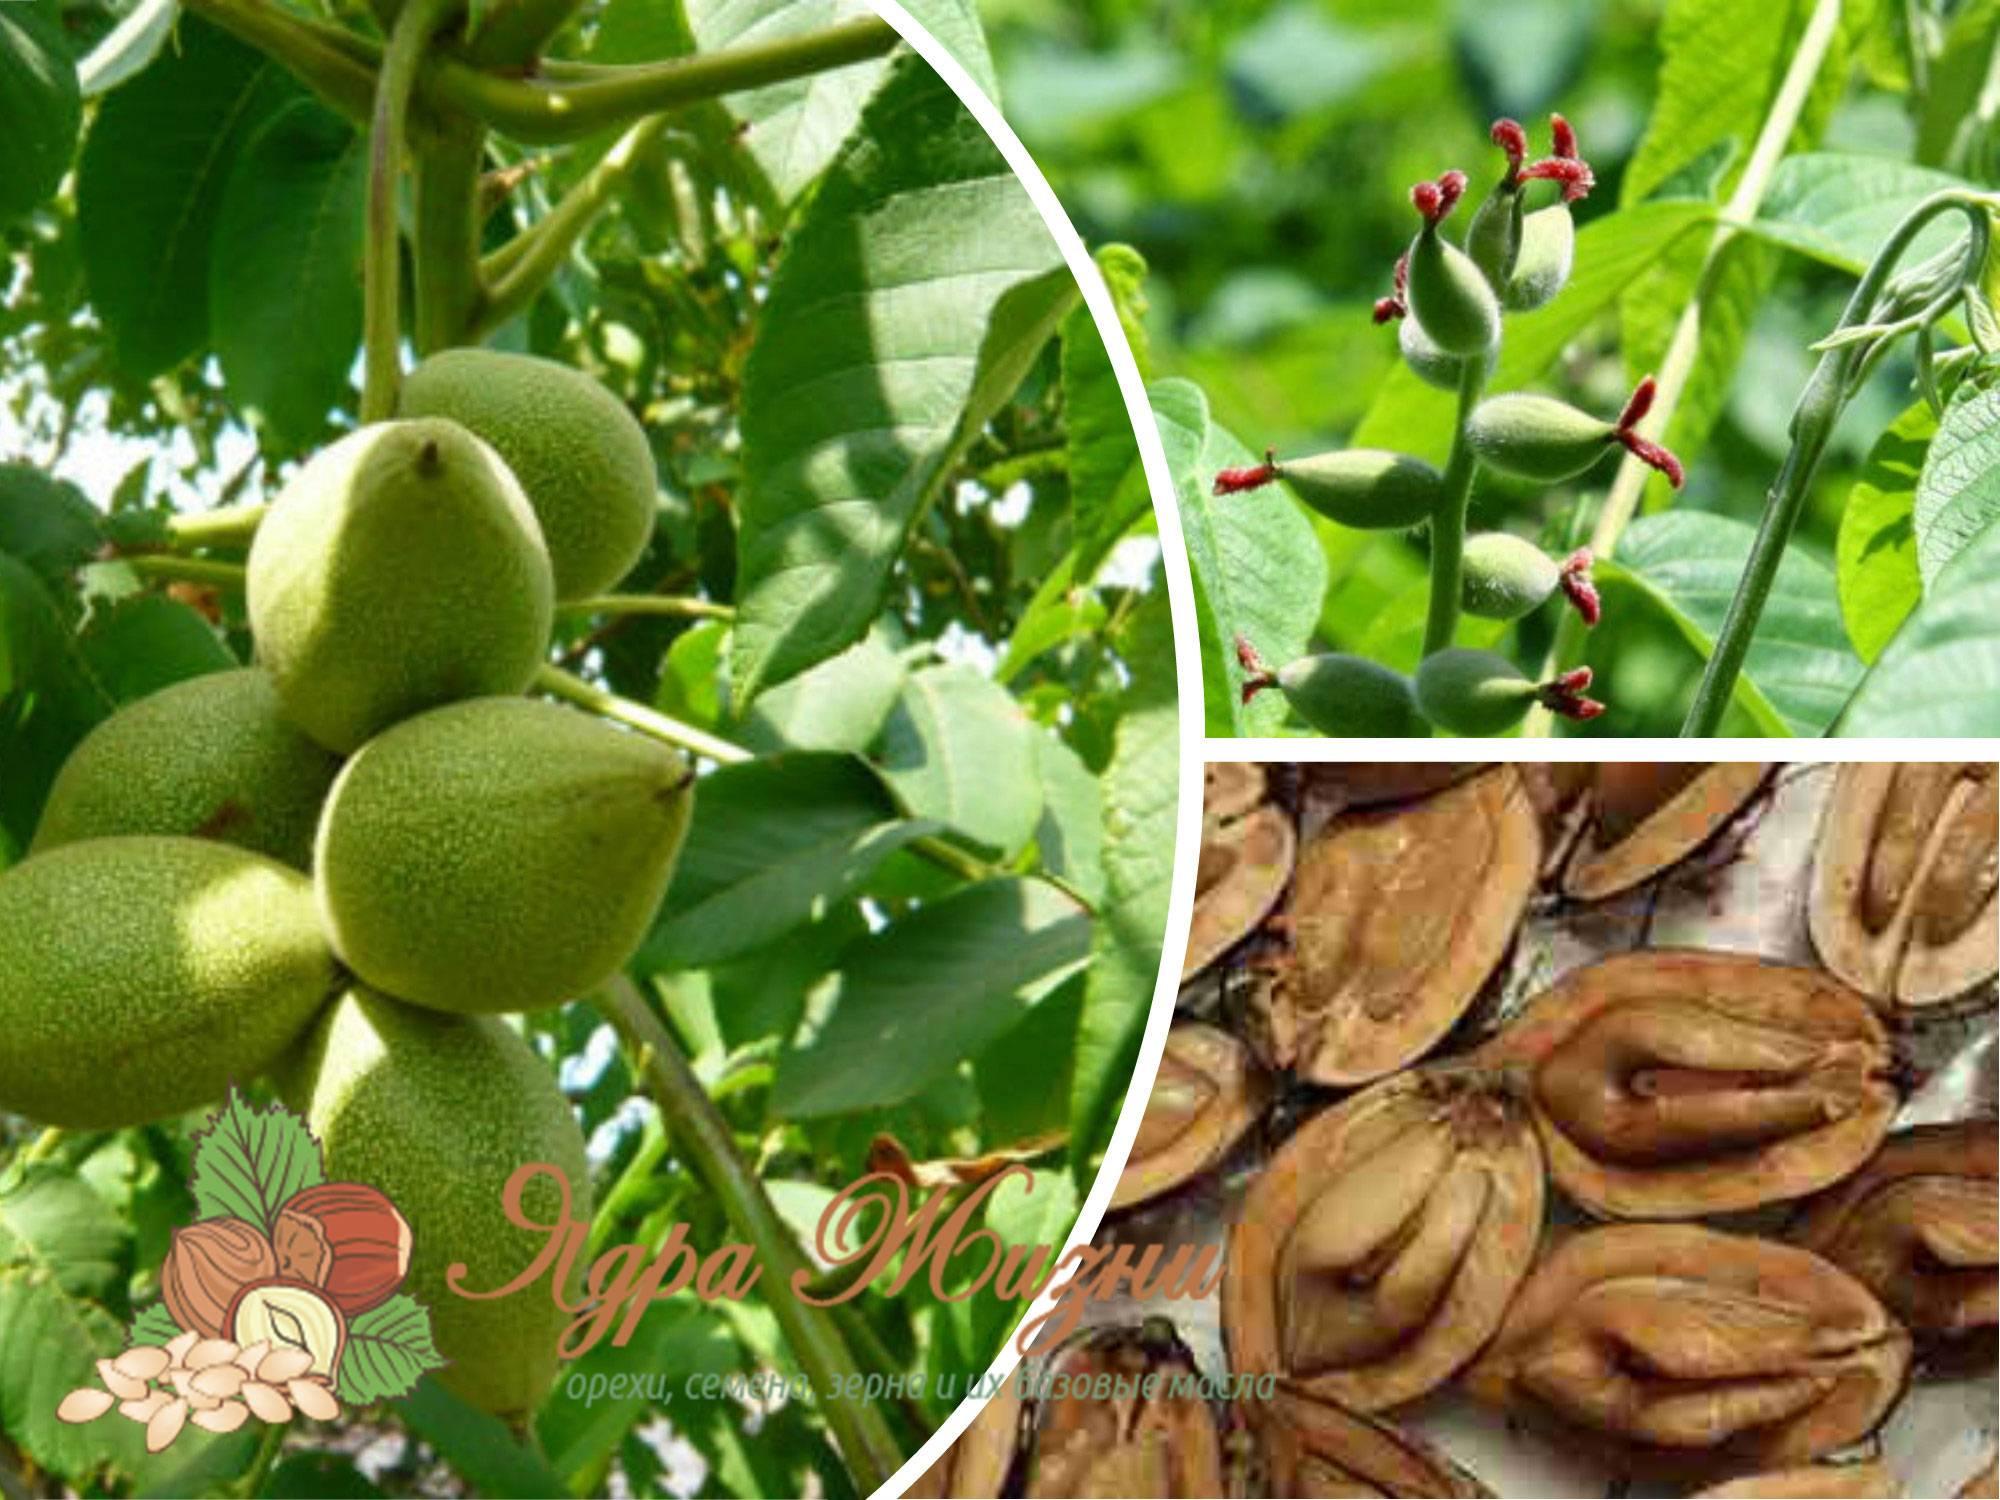 Маньчжурский орех: полезные свойства ипротивопоказания, применение внародной медицине, рецепт настойки + отзывы (дальневосточный орех)